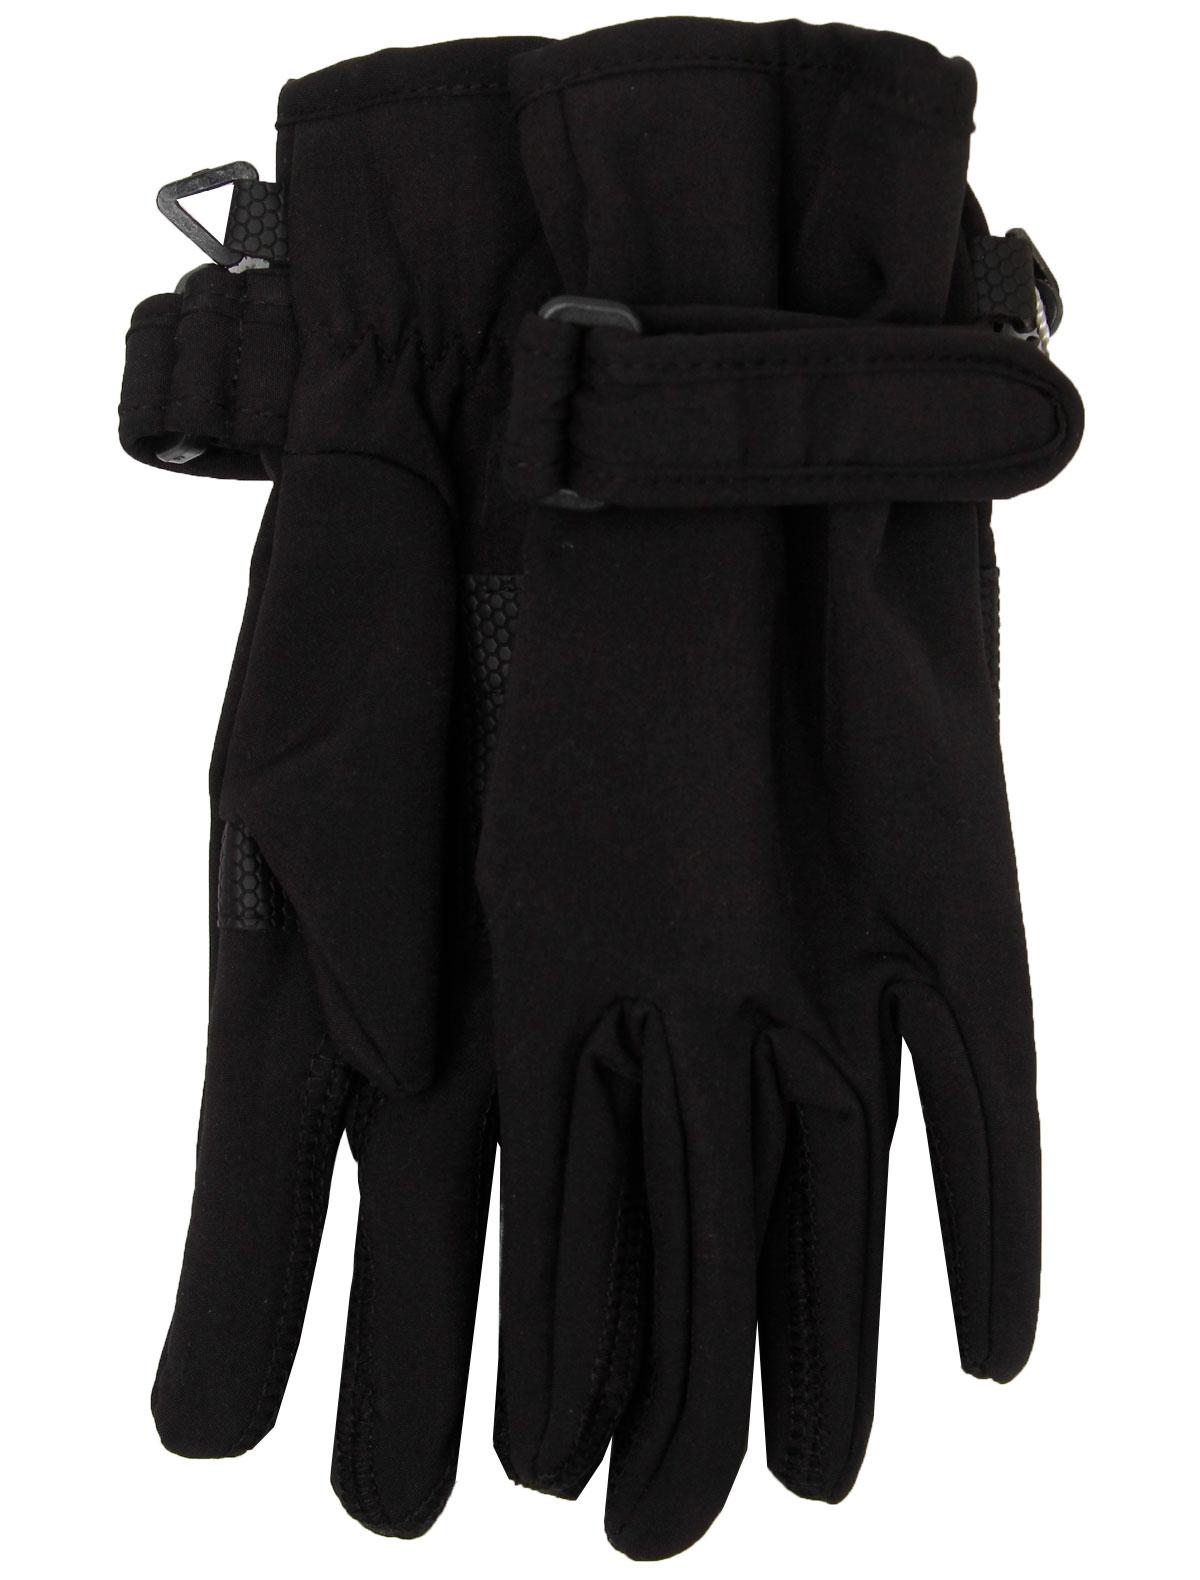 2126231, Перчатки Maximo, черный, Женский, 1191109980030  - купить со скидкой